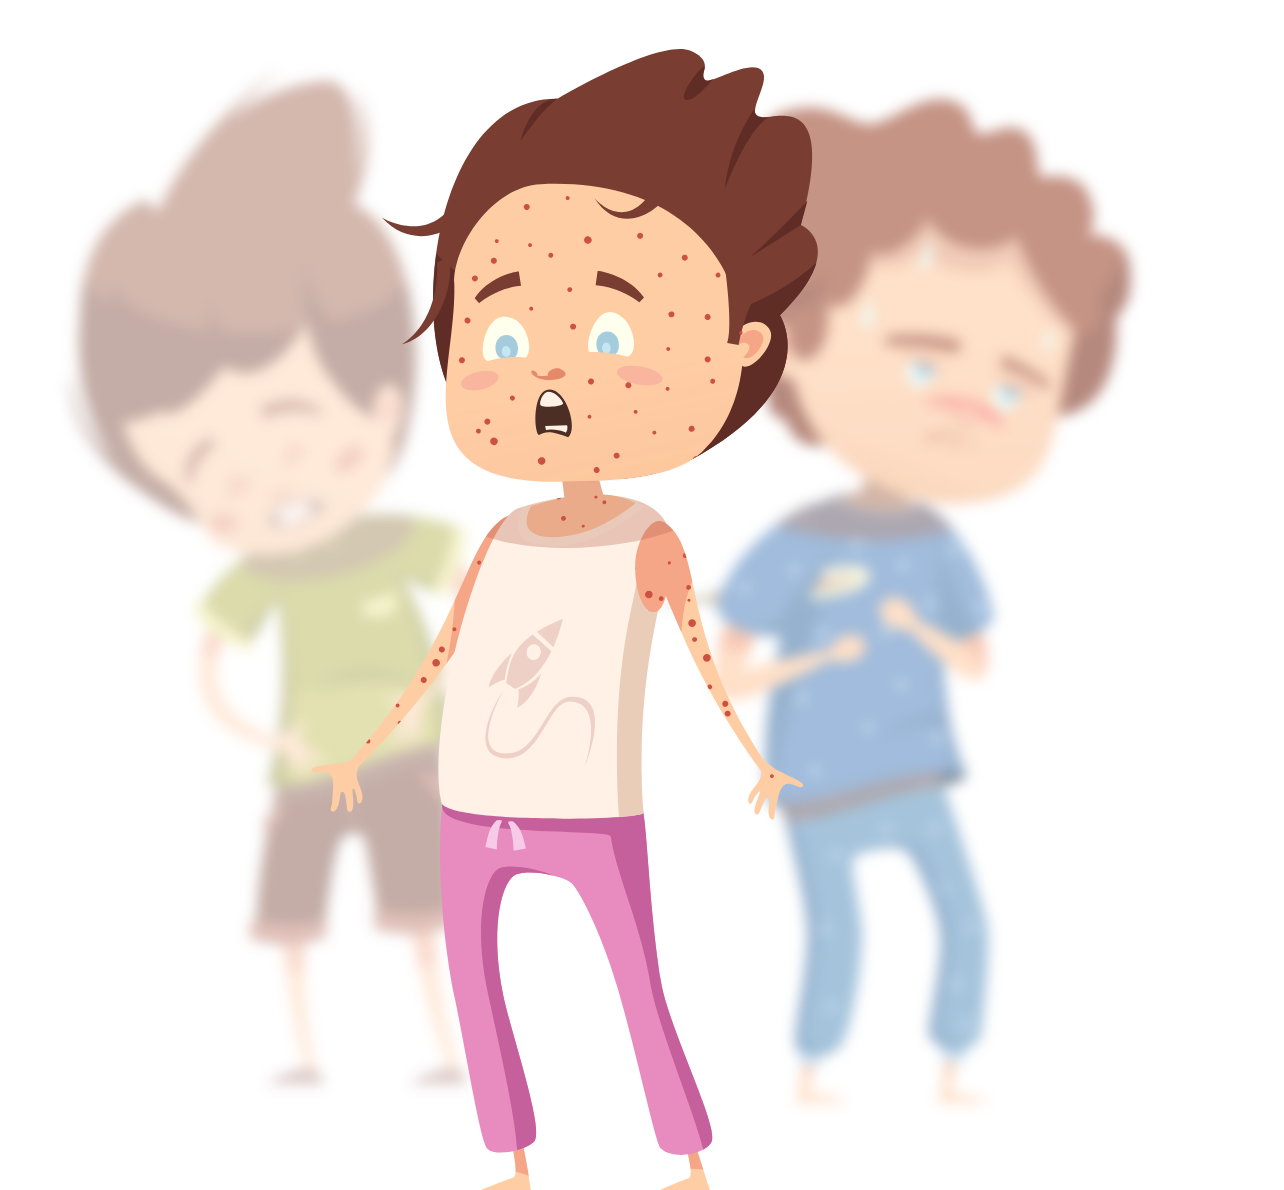 Symptoms kids@2x